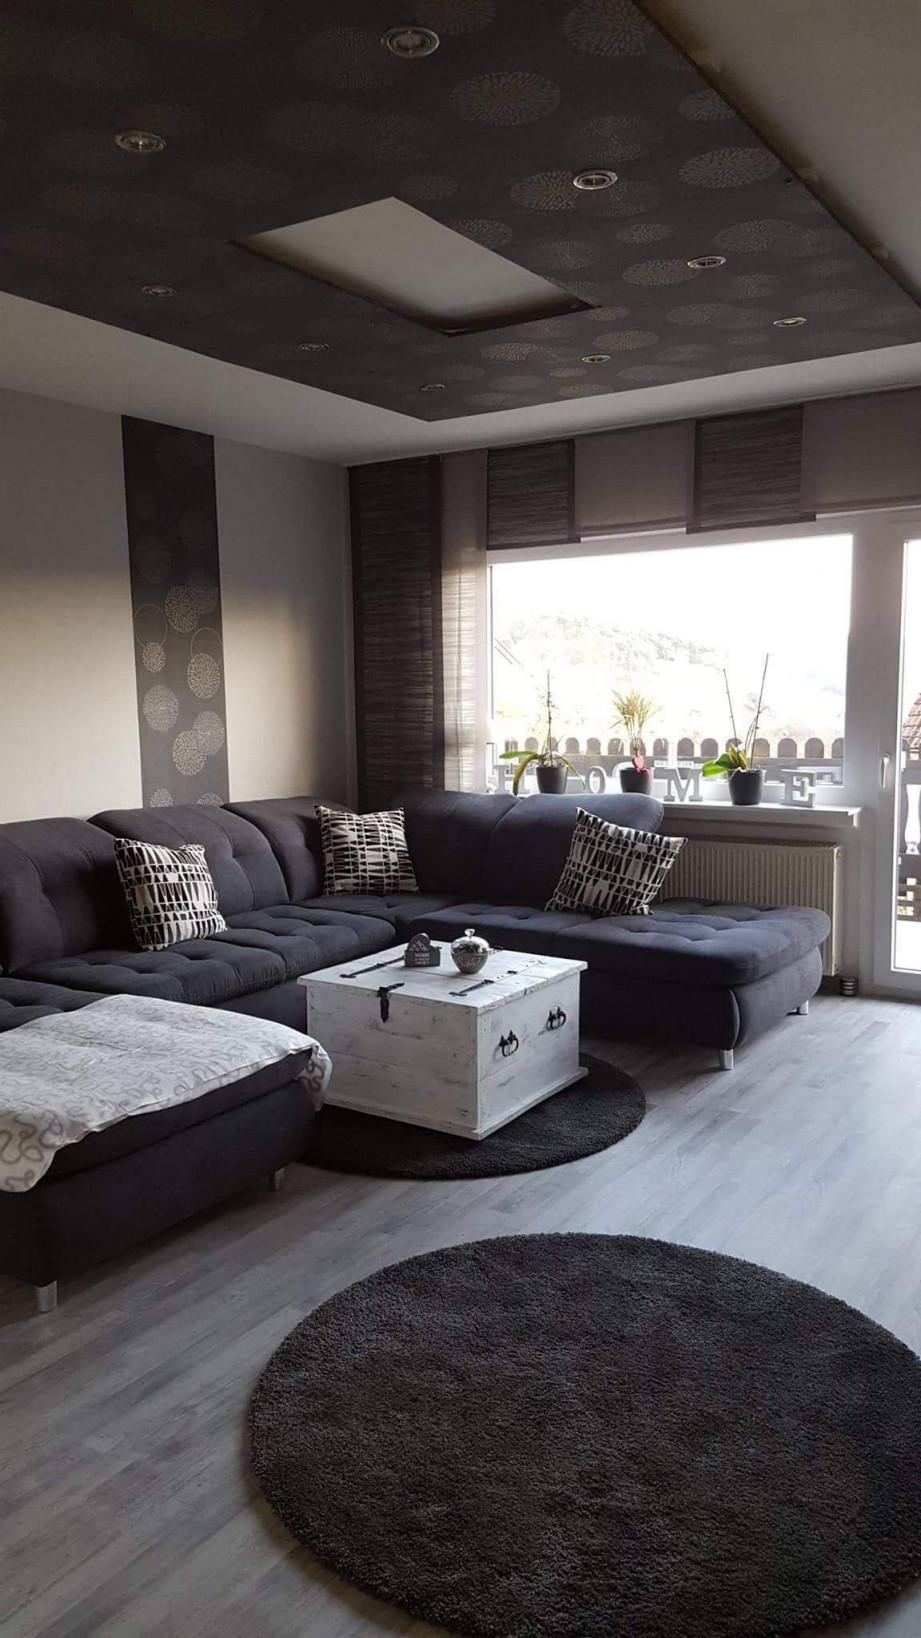 Großes Wohnzimmer Einrichten Reizend Wohnzimmer Ideen Grau von Wohnzimmer In Grau Gestalten Bild